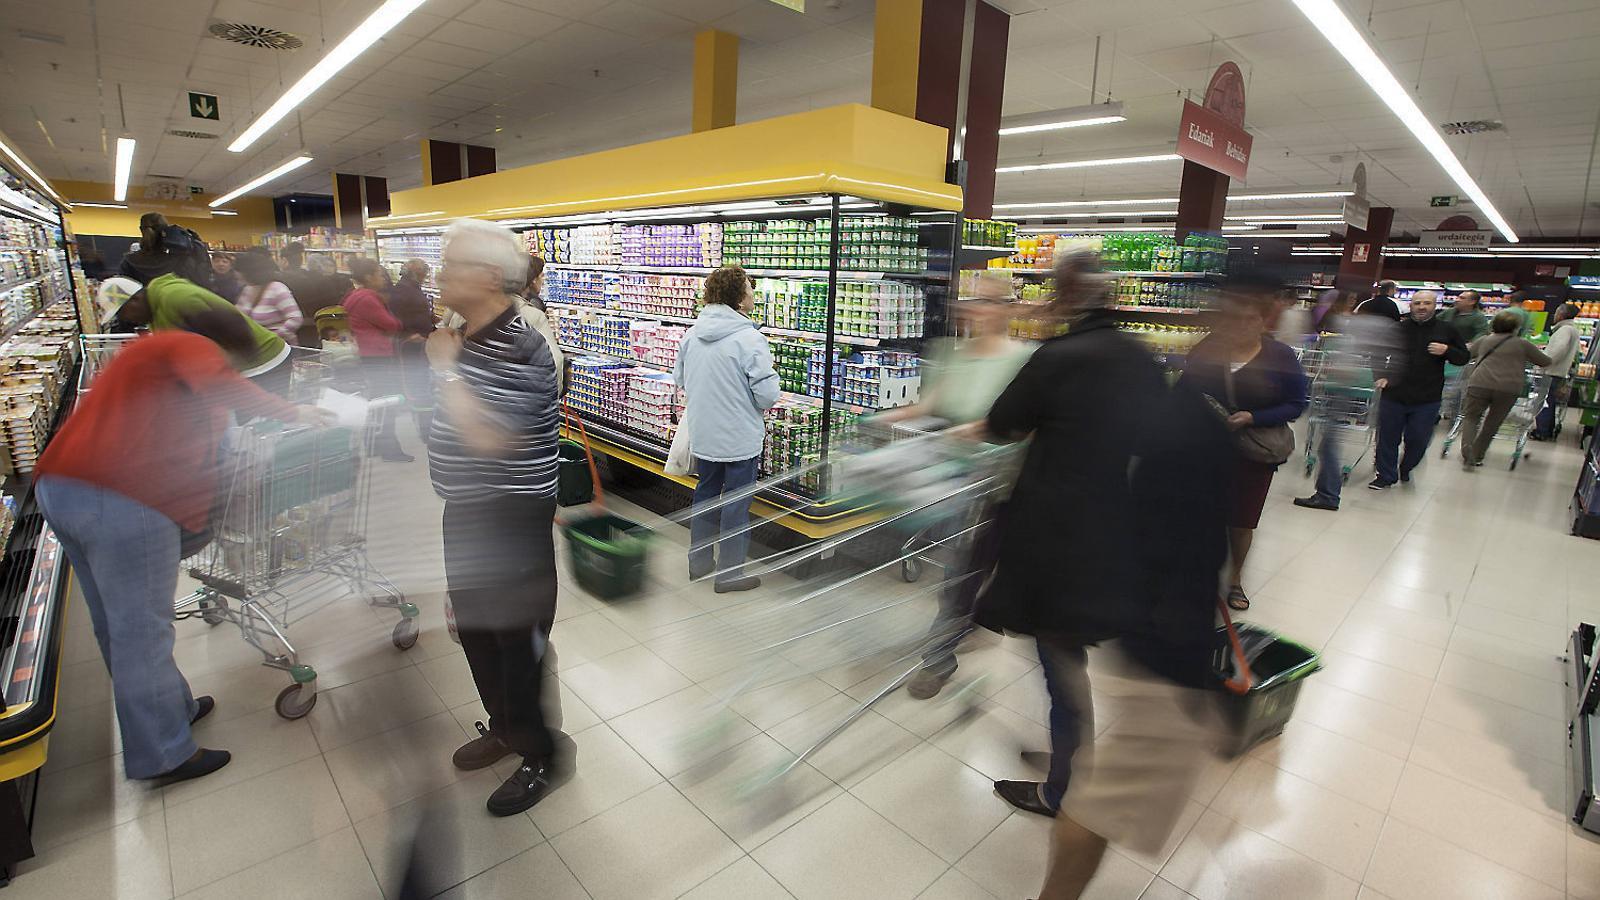 Mercadona és la cadena de supermercats líder, seguida de Carrefour, Dia, Eroski i Lidl.